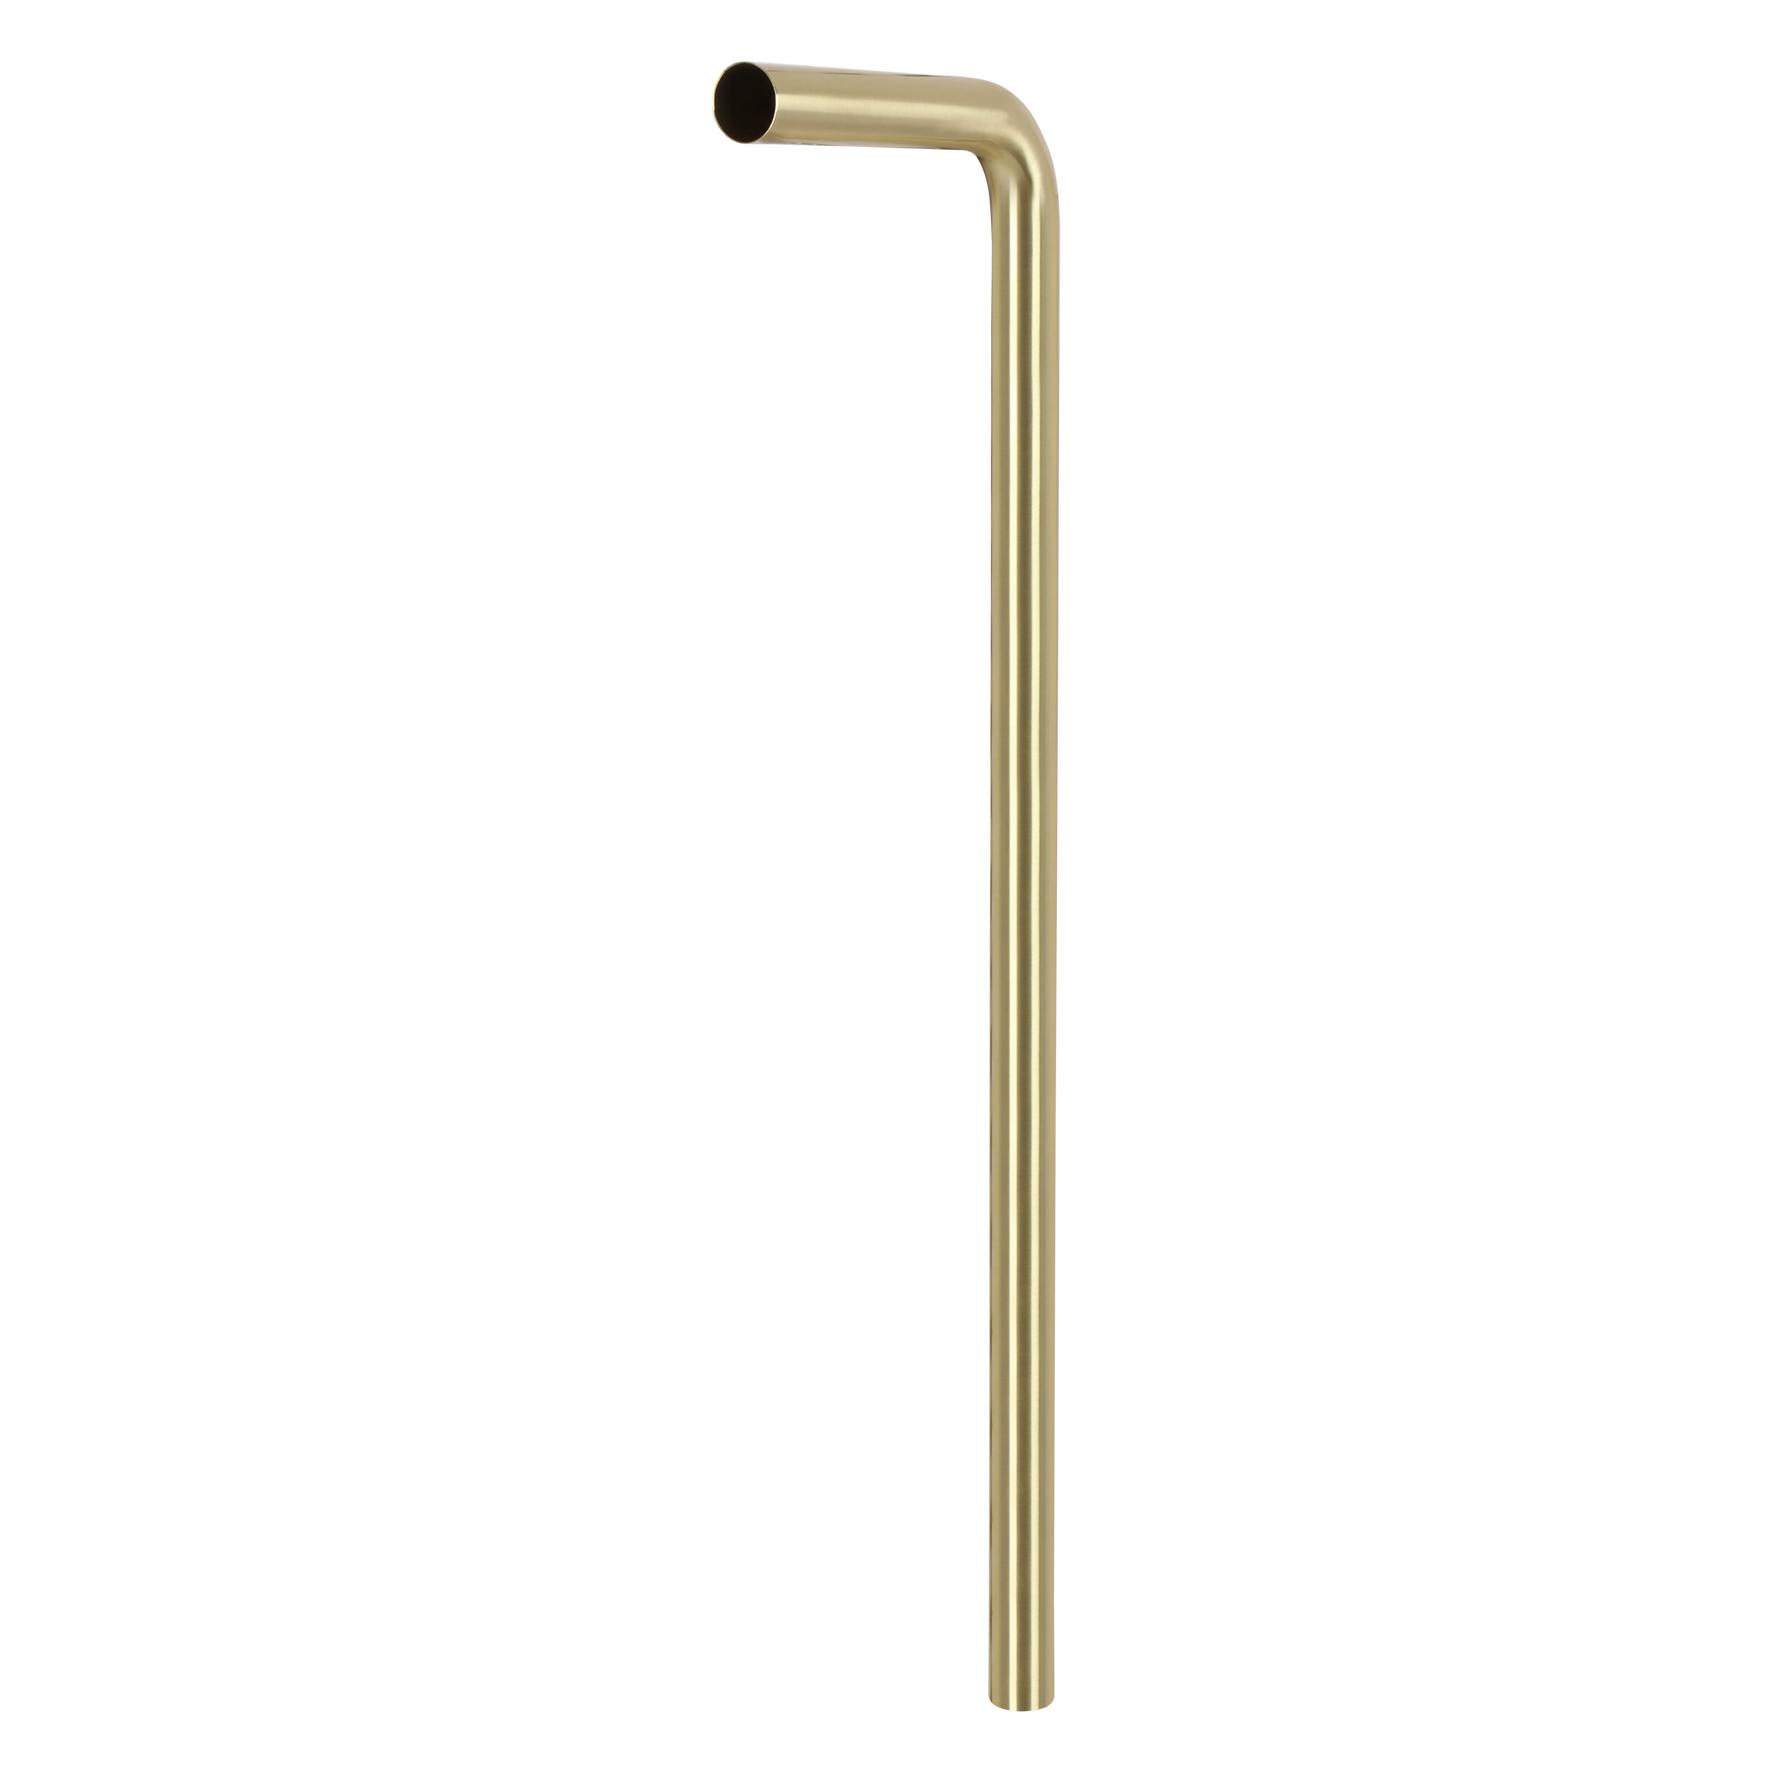 Vloerbuis - diameter 32 mm - 75 cm x 22 cm - Mat goud